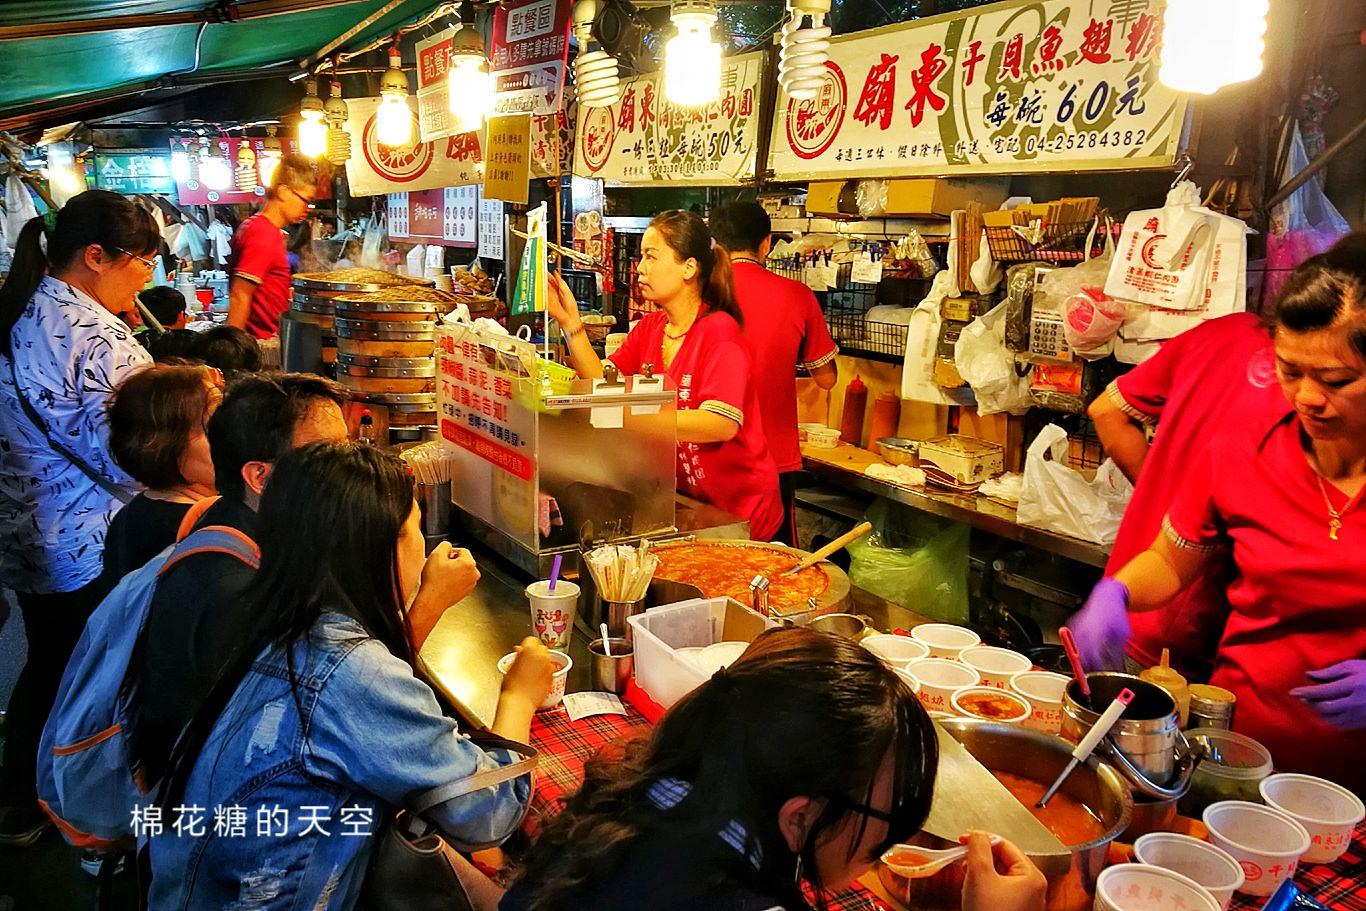 豐原廟東夜市必吃-清蒸蝦仁肉圓,鮮蝦看得到排隊也要吃